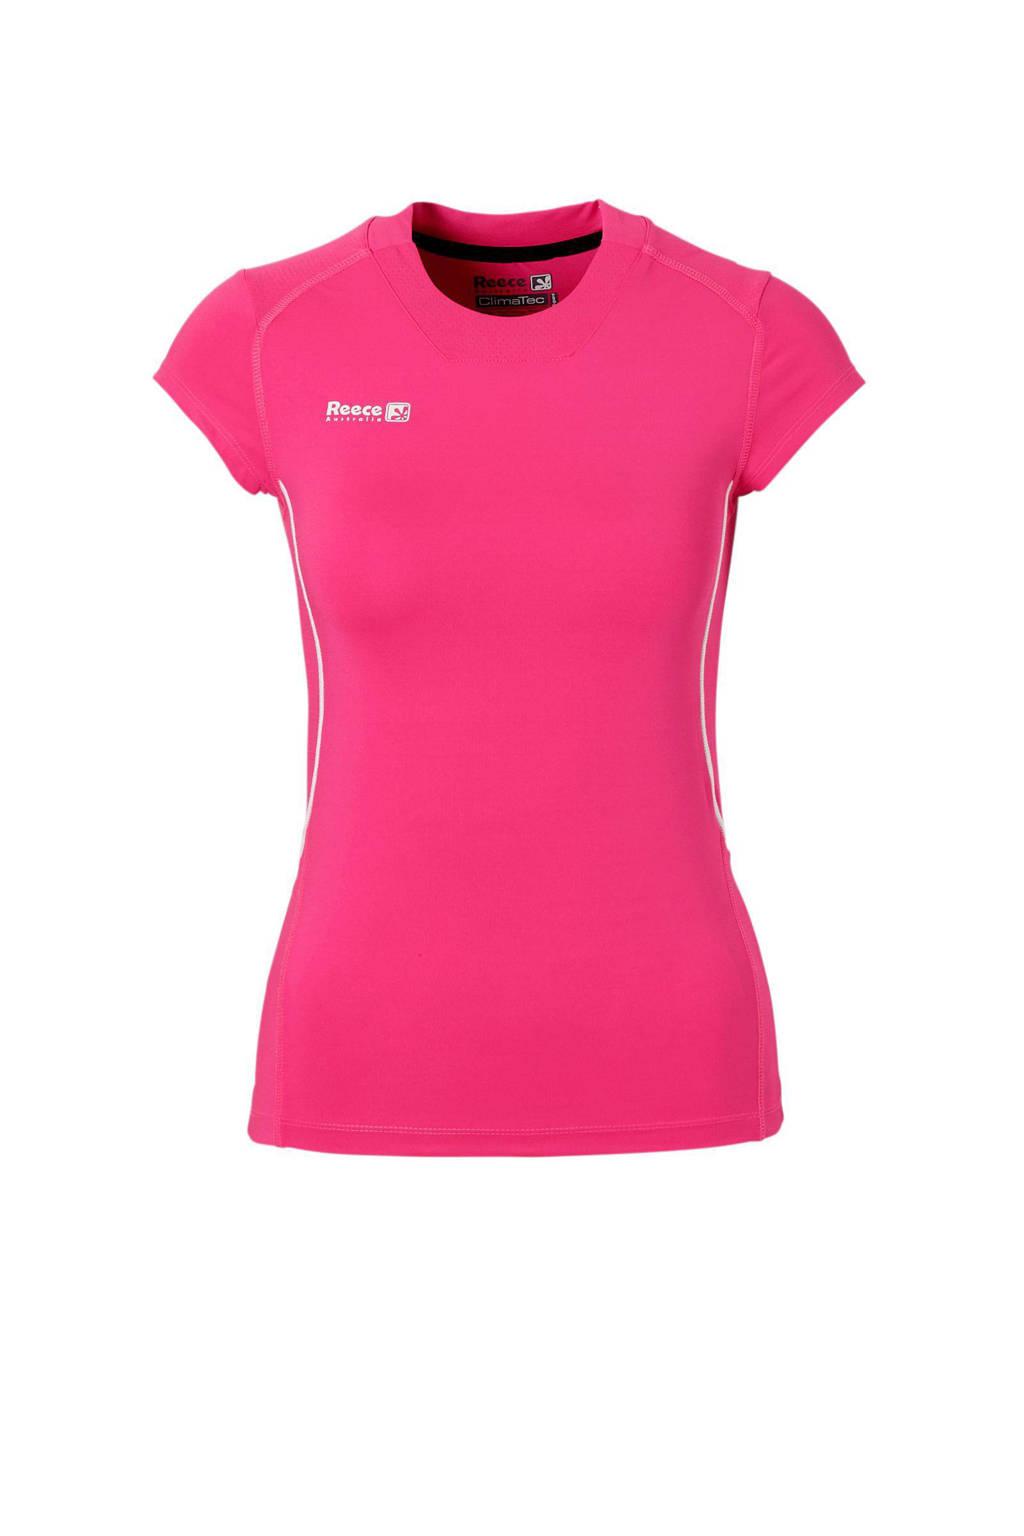 Reece Australia sport T-shirt, Roze, Meisjes